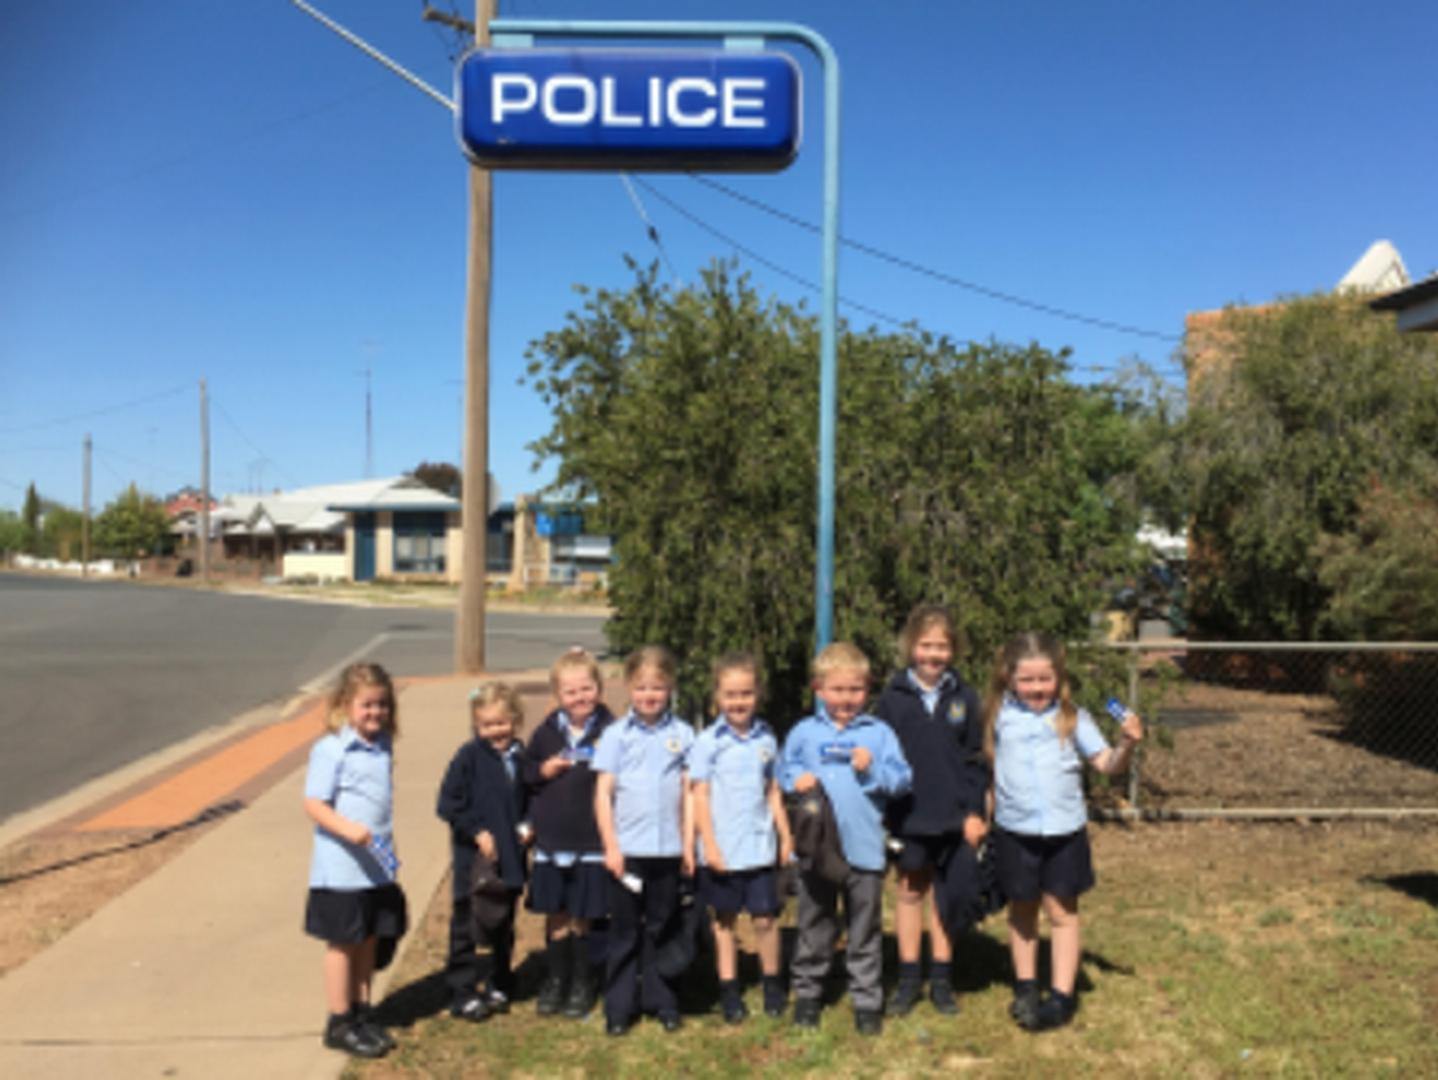 Kinder Police